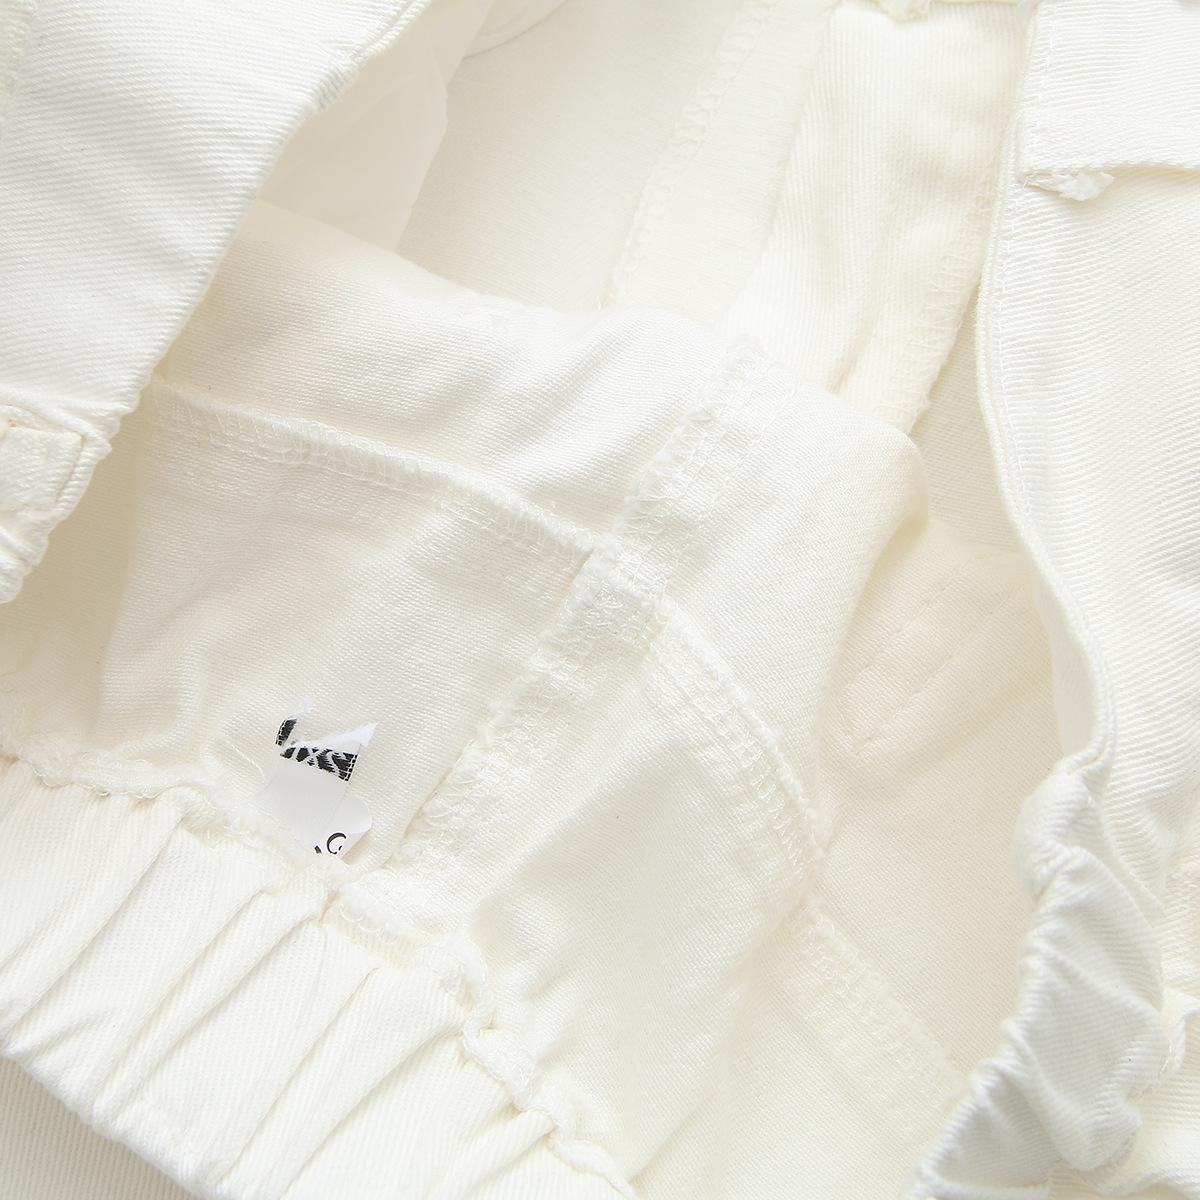 rERDH semplice grande 200kg abbigliamento femminile dimensioni lavati e jeans di colore dei jeans mm solido grasso foro casuale dimagrante pantaloni corti 376.867